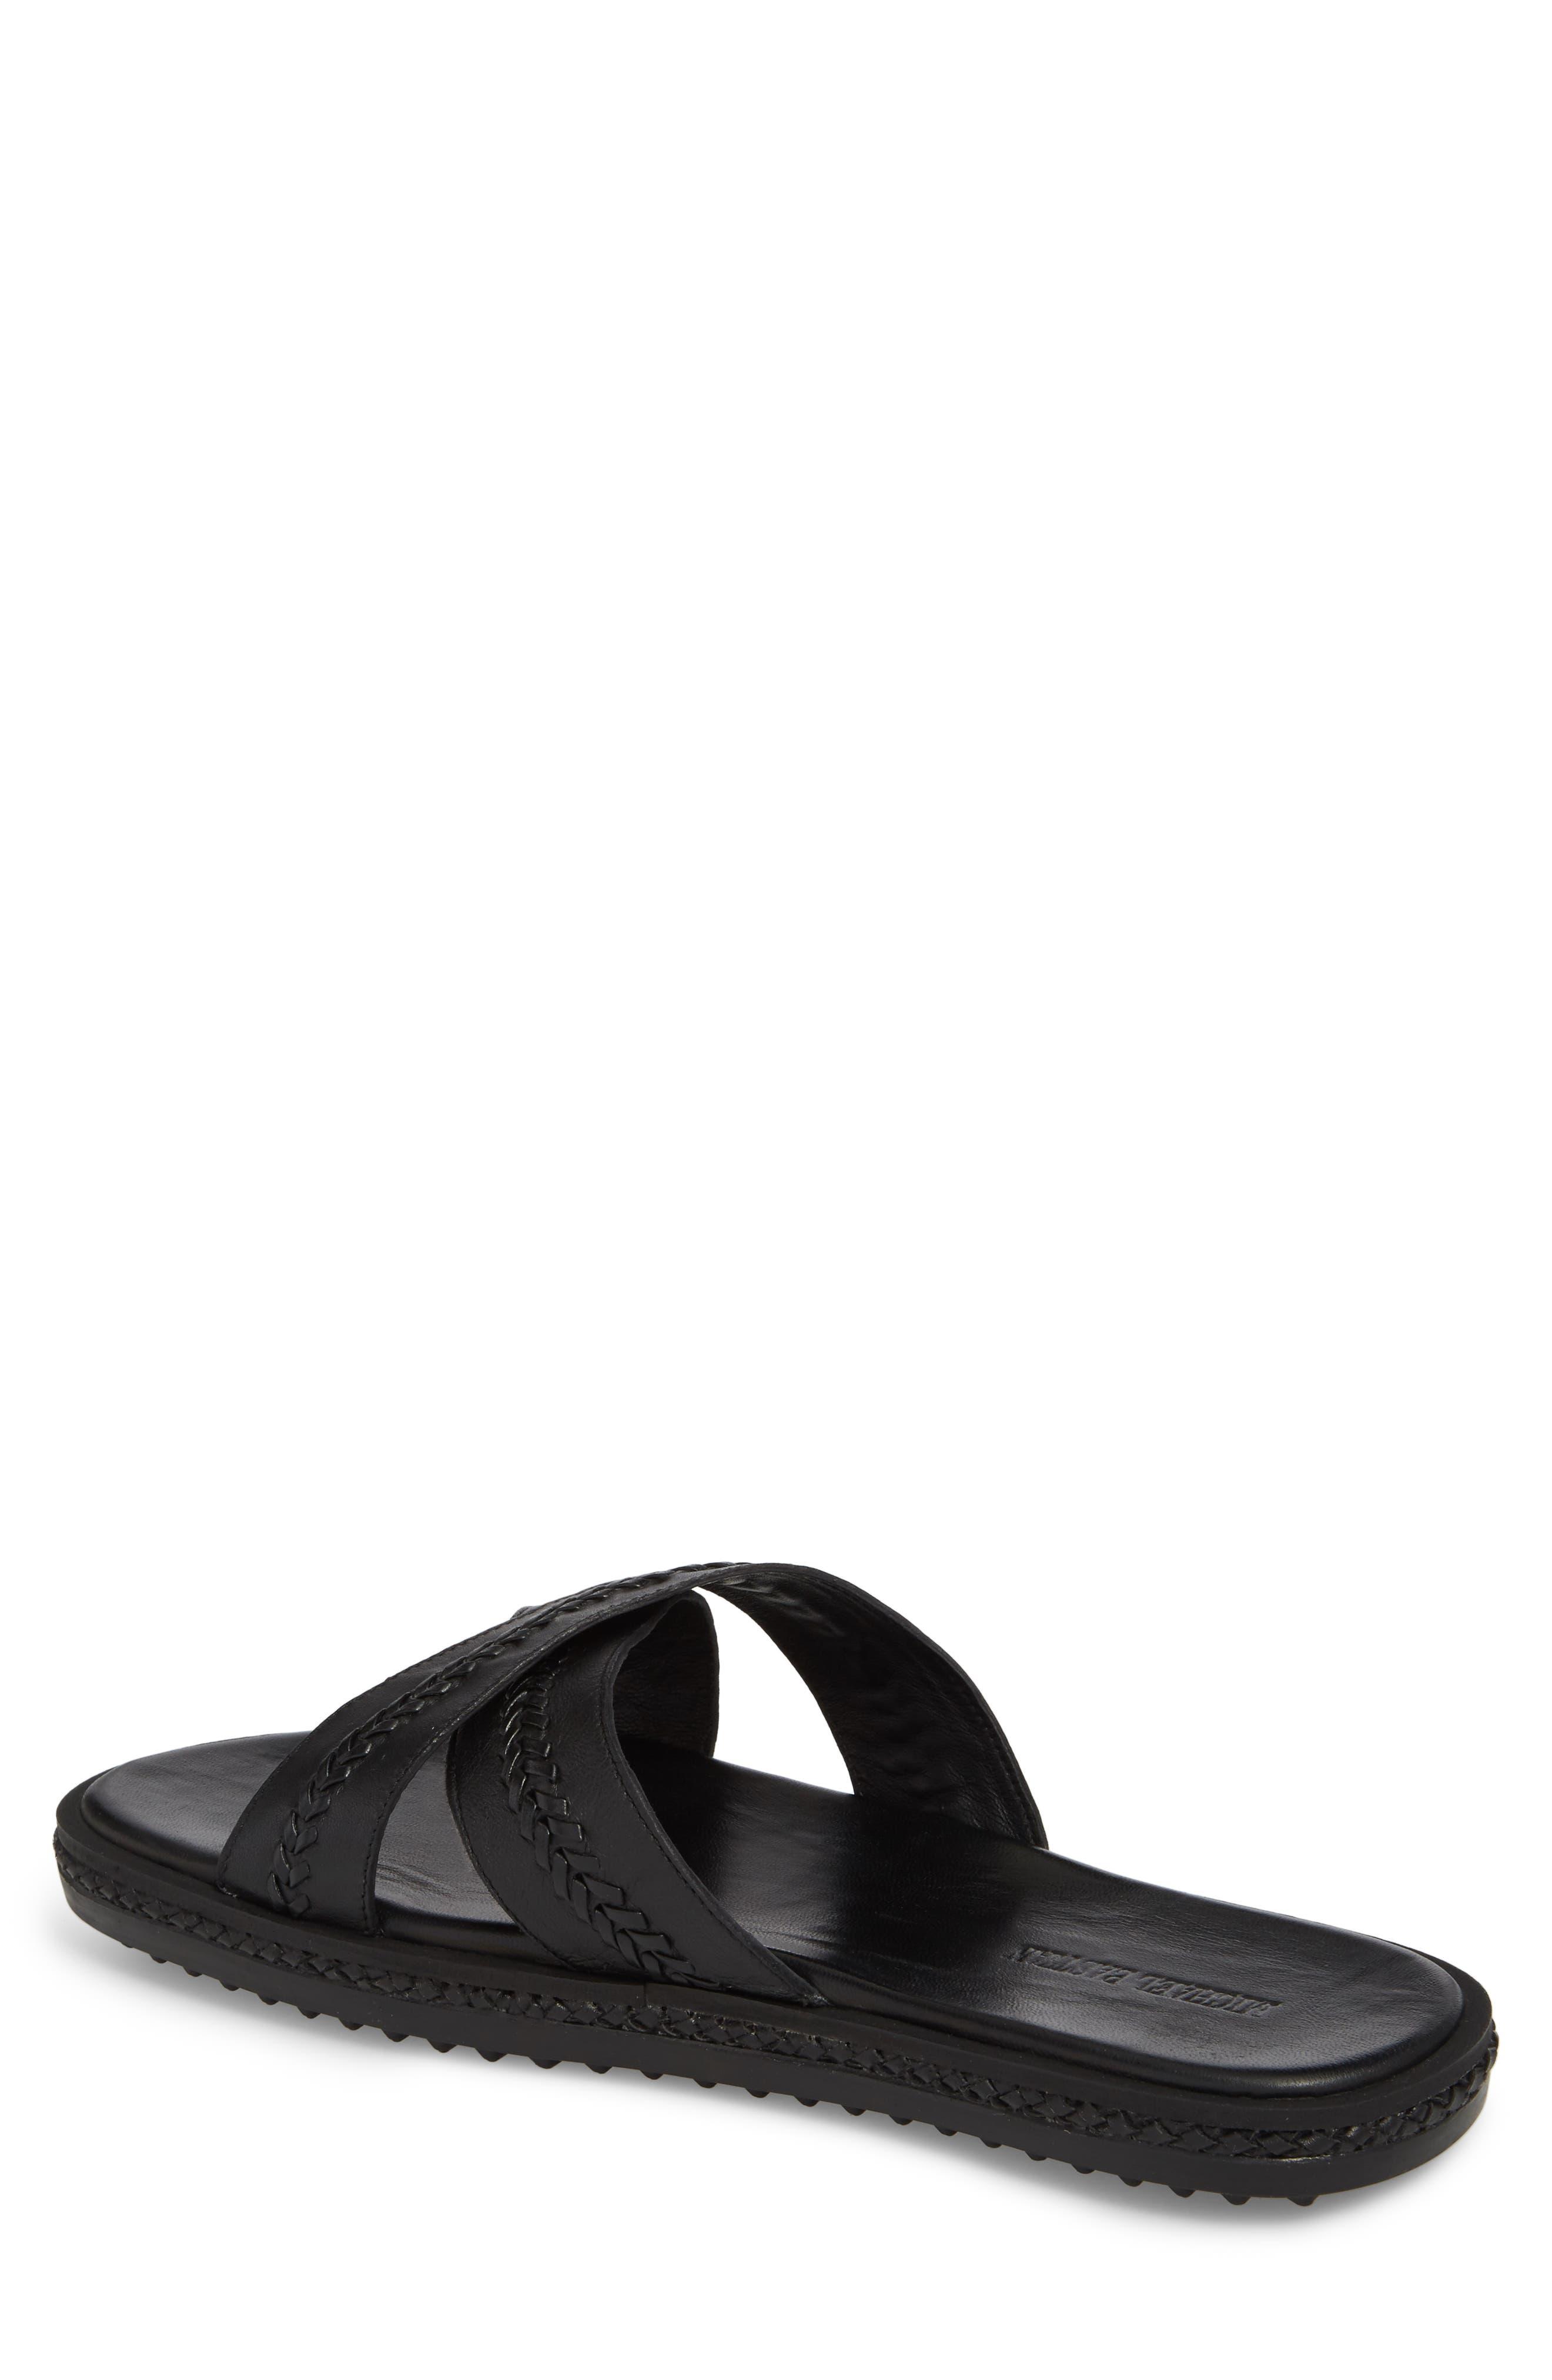 Woven Cross Strap Slide Sandal,                             Alternate thumbnail 2, color,                             001